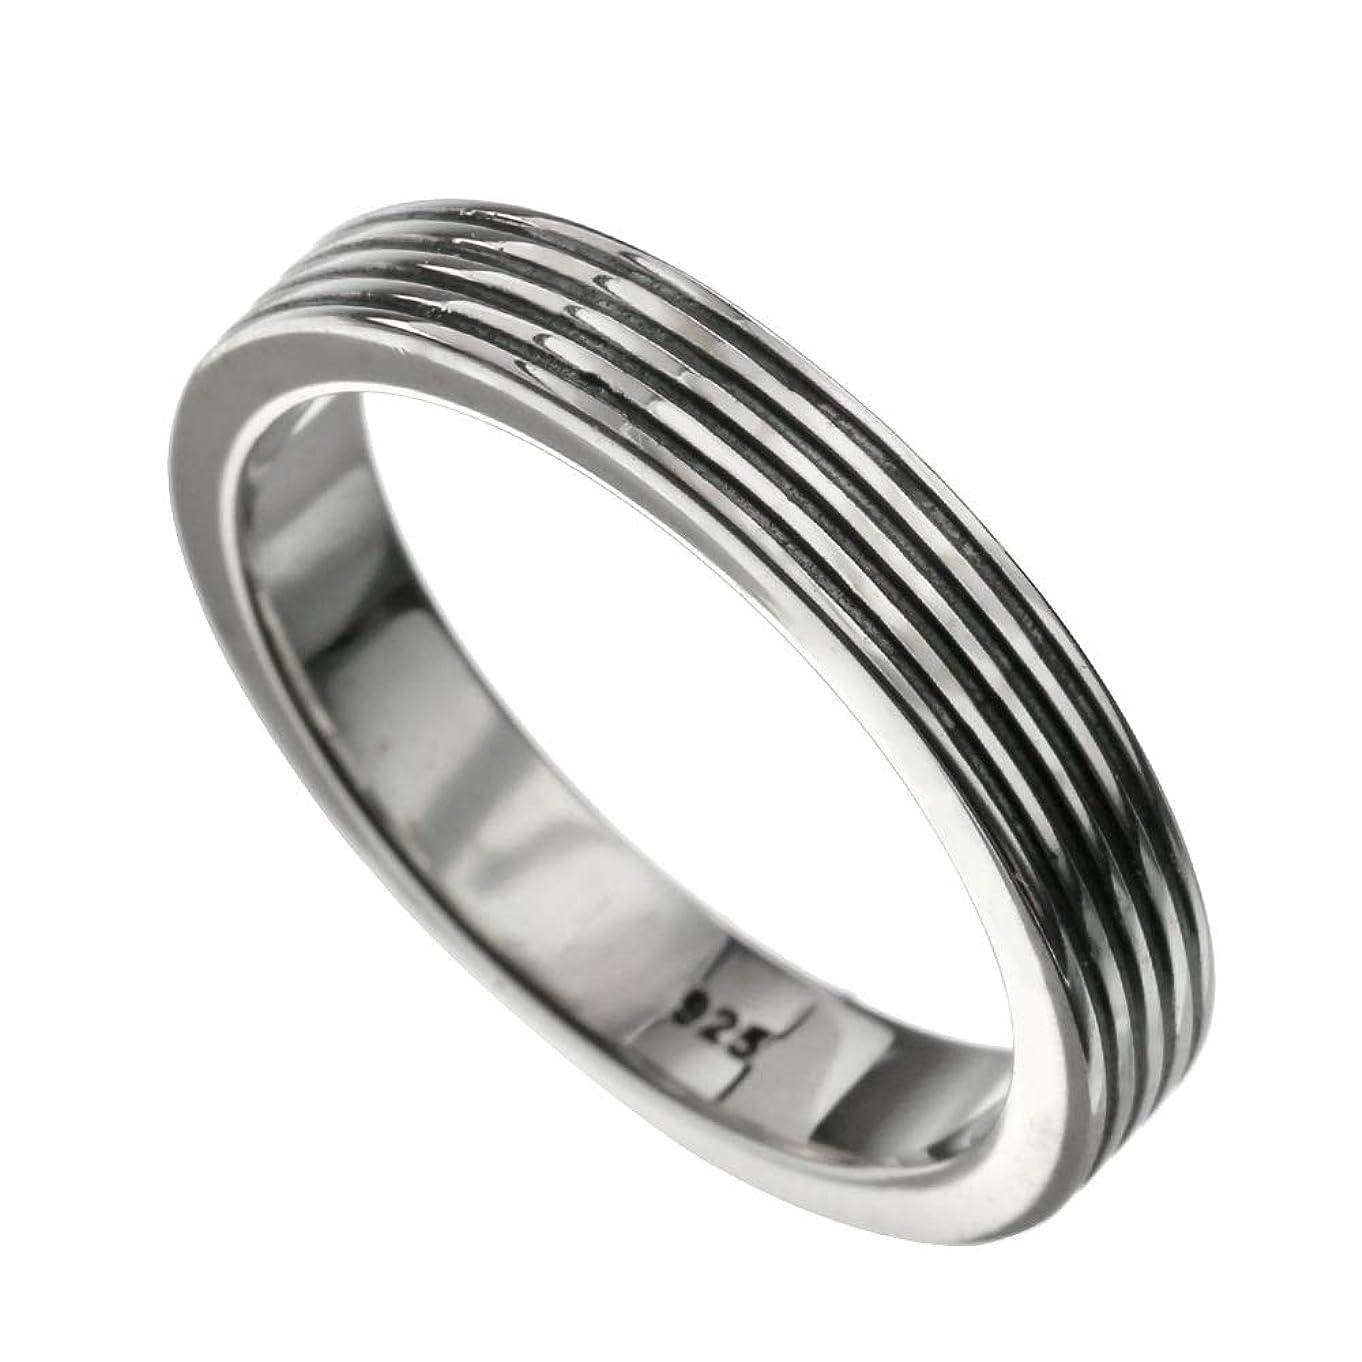 円形の透過性減少Binich(ビニッチ) フォー ブラック ライン リング 指輪 (17号)